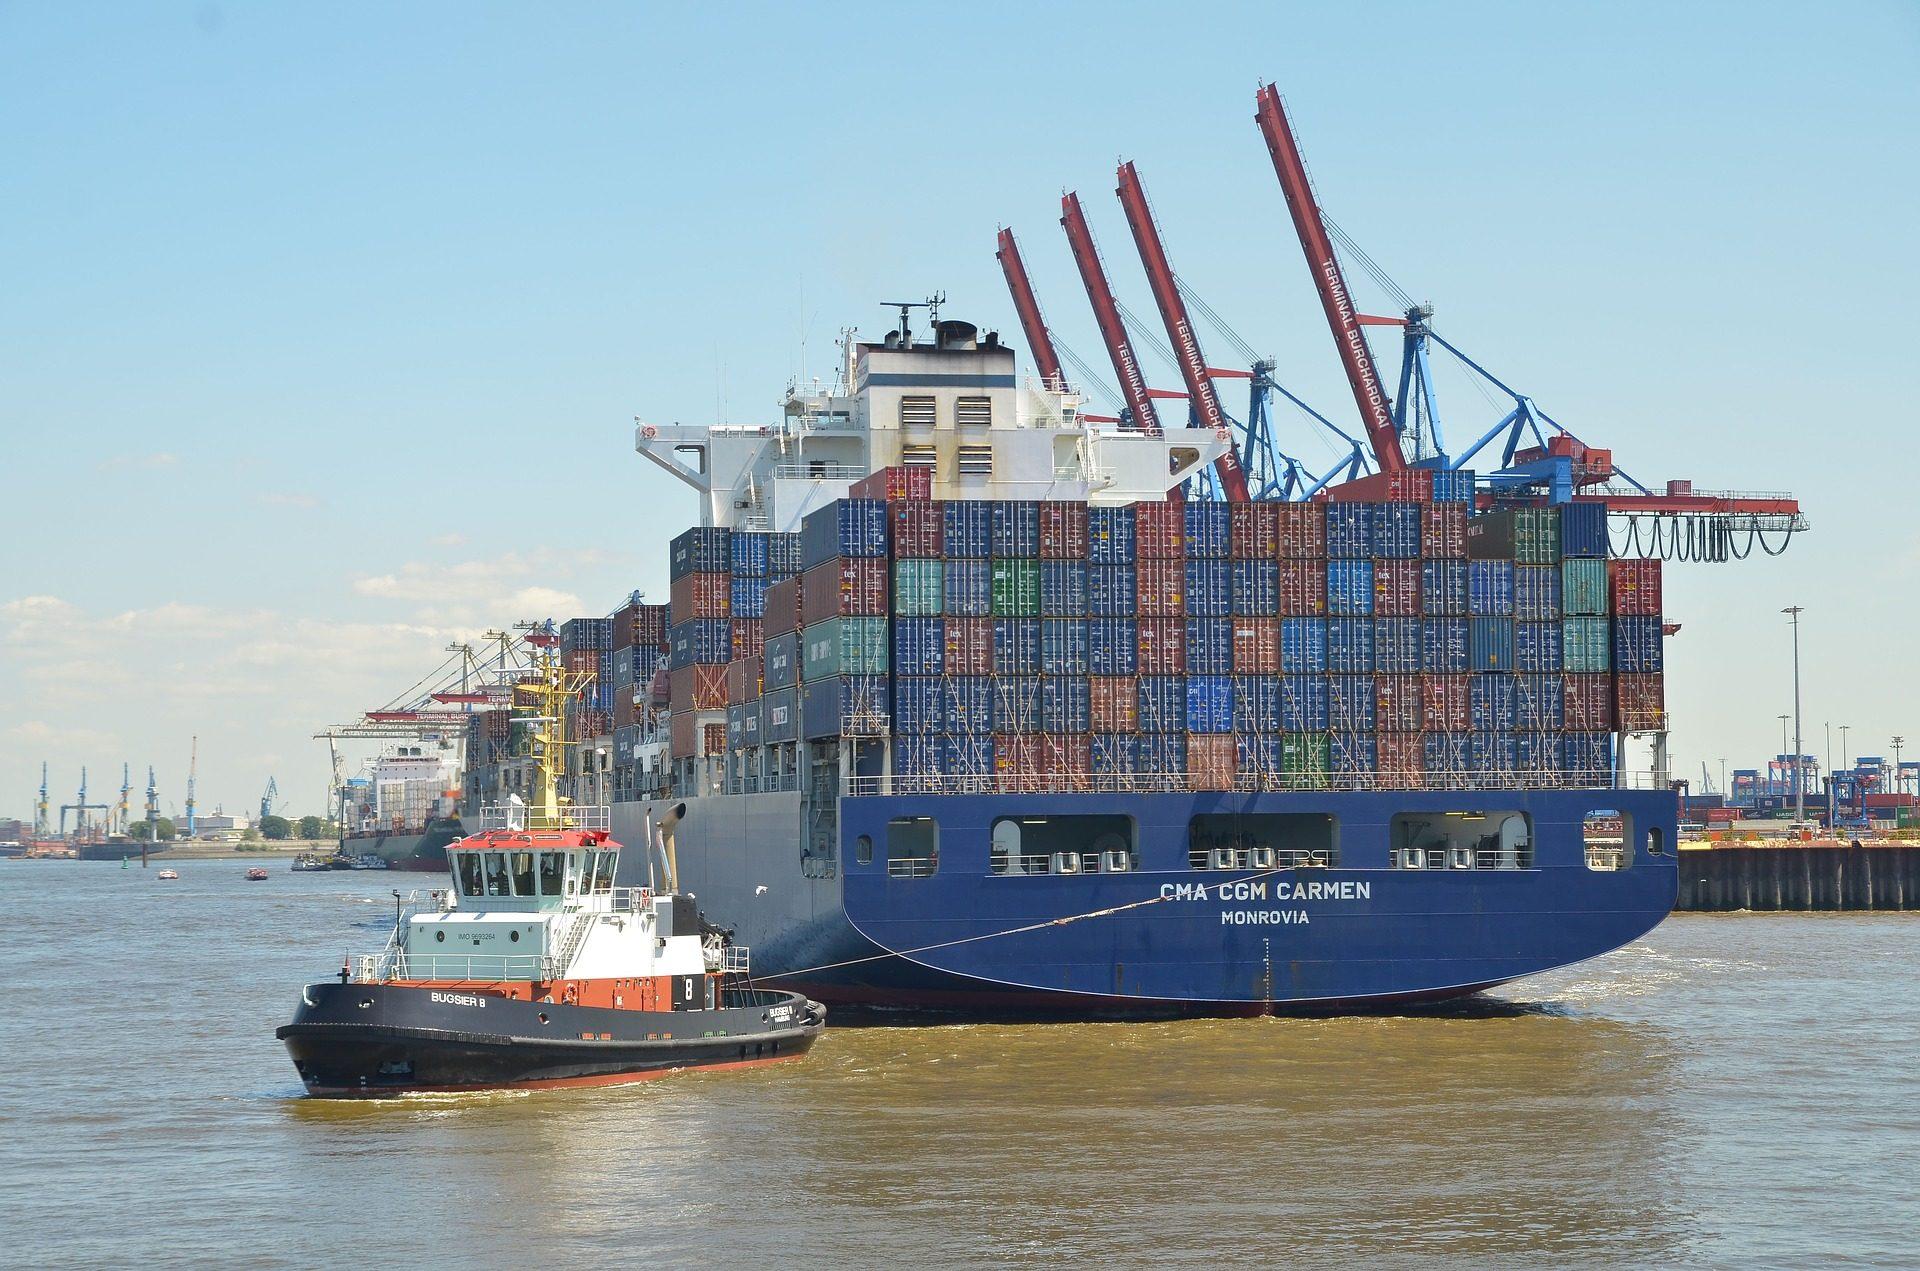 βάρκα, φορτηγό πλοίο, φορτίο, δοχεία, εμπόριο, Λιμάνι - Wallpapers HD - Professor-falken.com